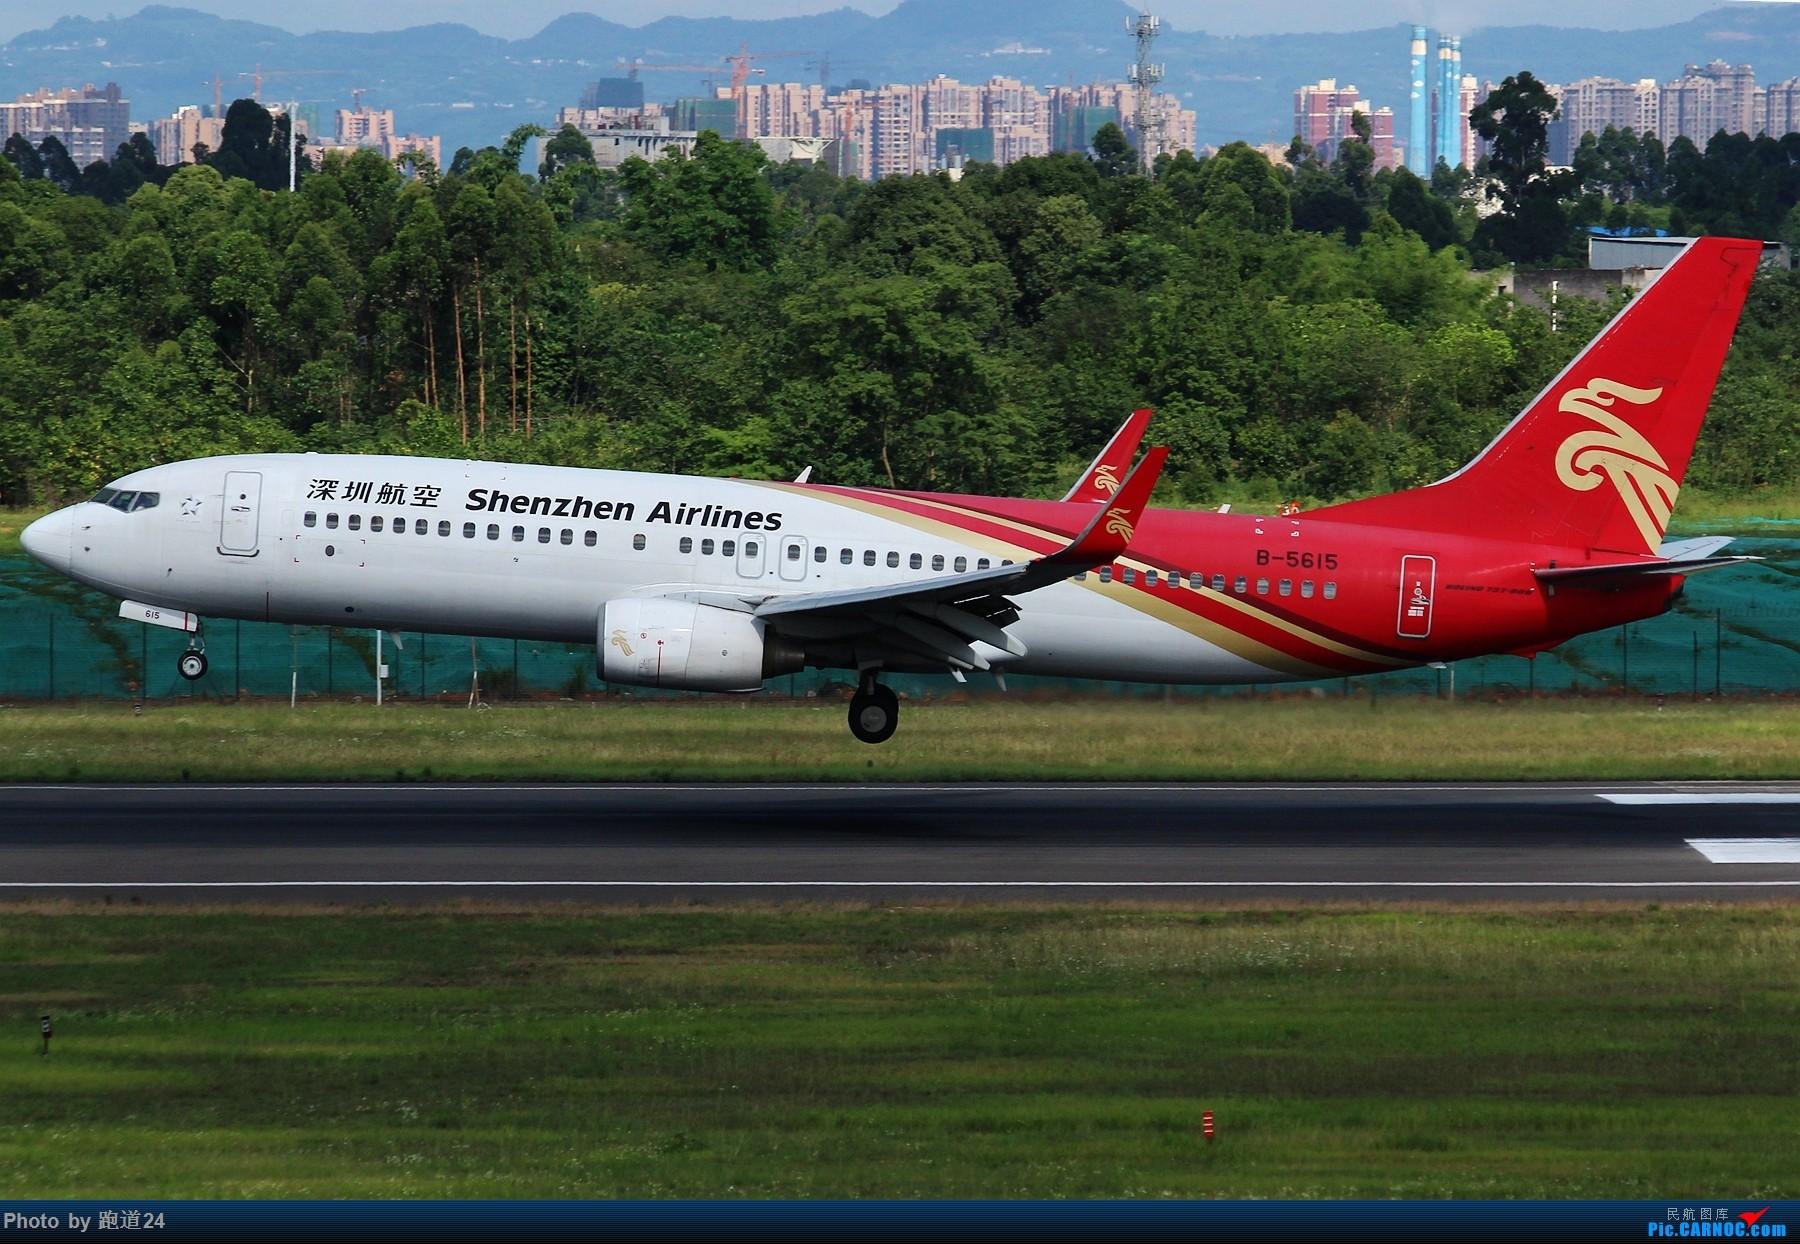 Re:[原创]【多图党】6月18日成都拍机【埃塞俄比亚航空B777-200LR】 BOEING 737-800 B-5615 中国成都双流国际机场